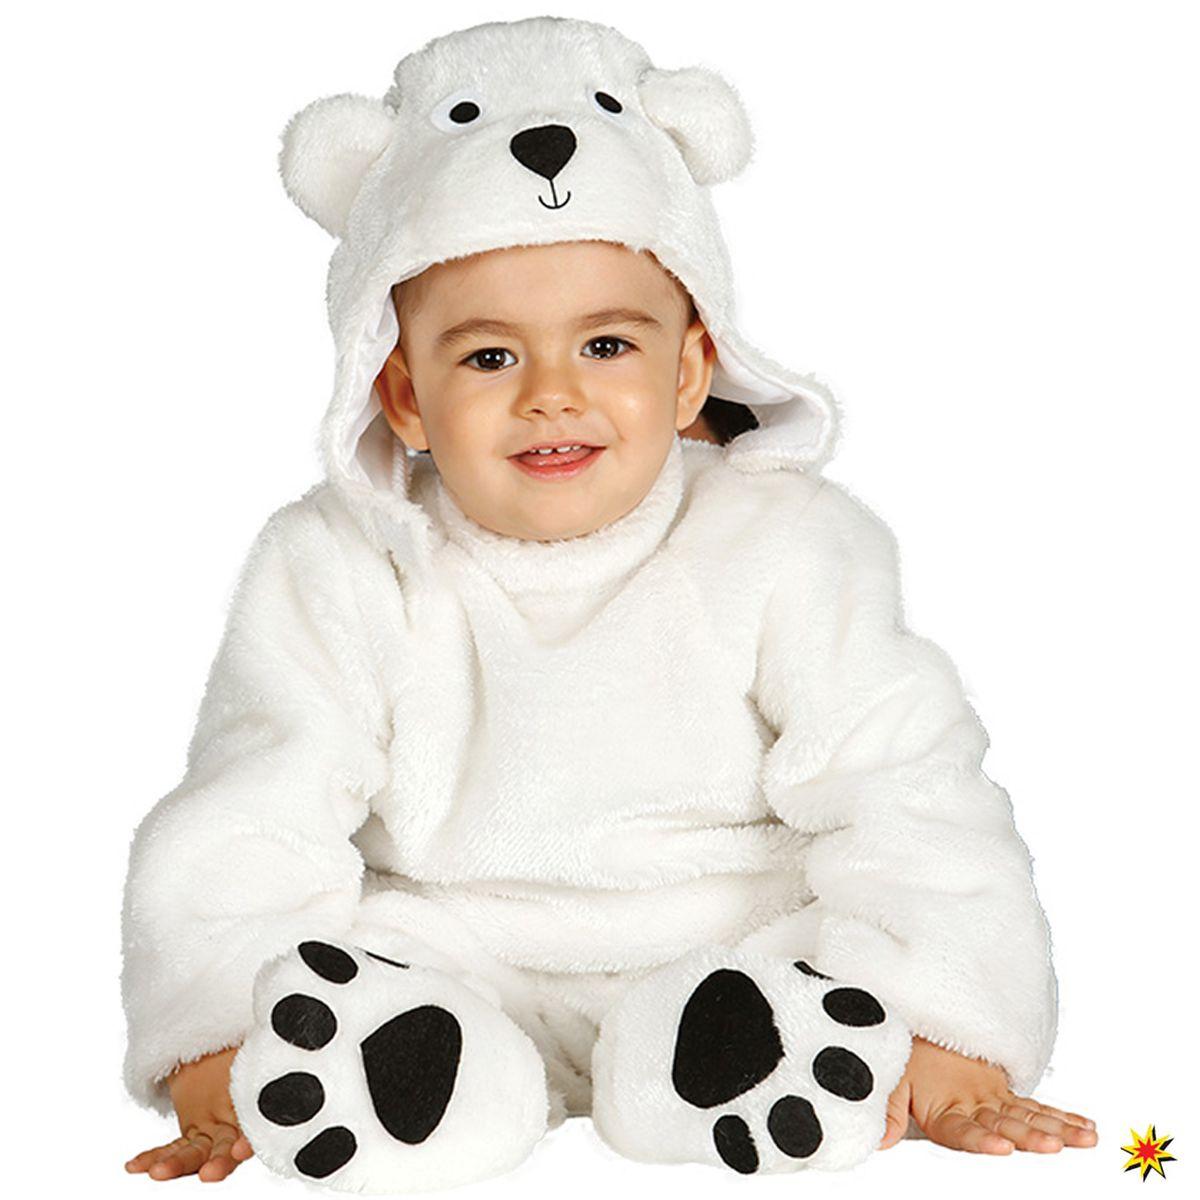 Baby Kostum Kleiner Eisbar Paule Grosse 68 80